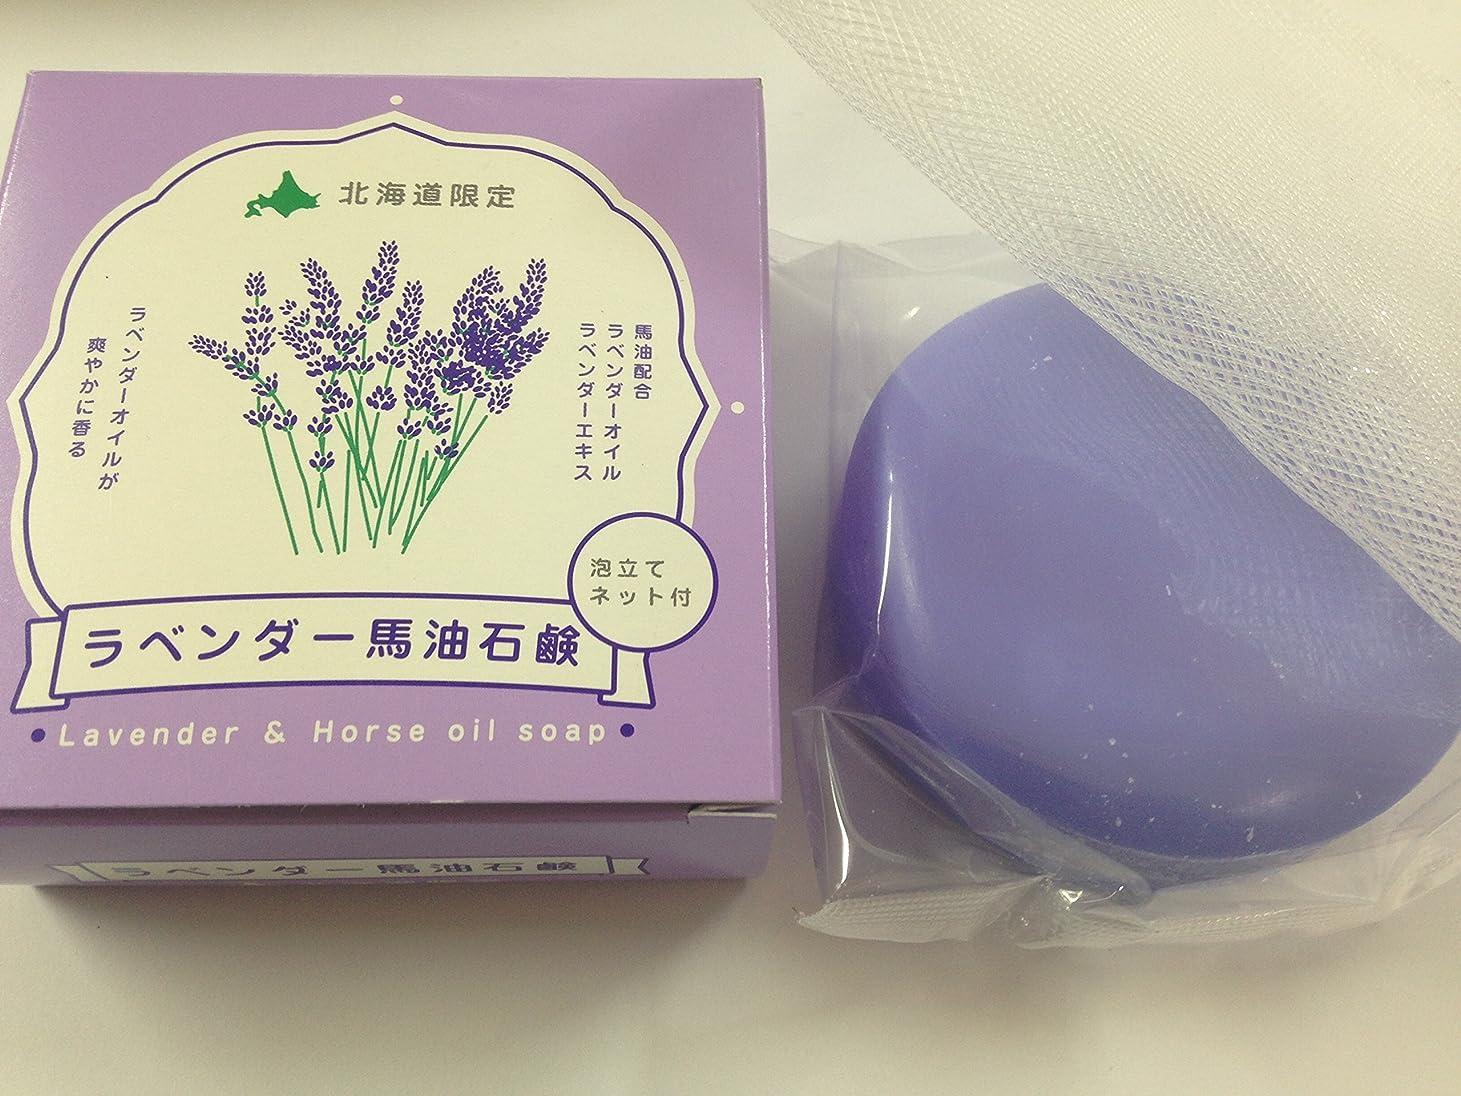 クレア耳パースラベンダー馬油石けん?泡立てネット付き 100g ?Lavender & Horse oil Soap